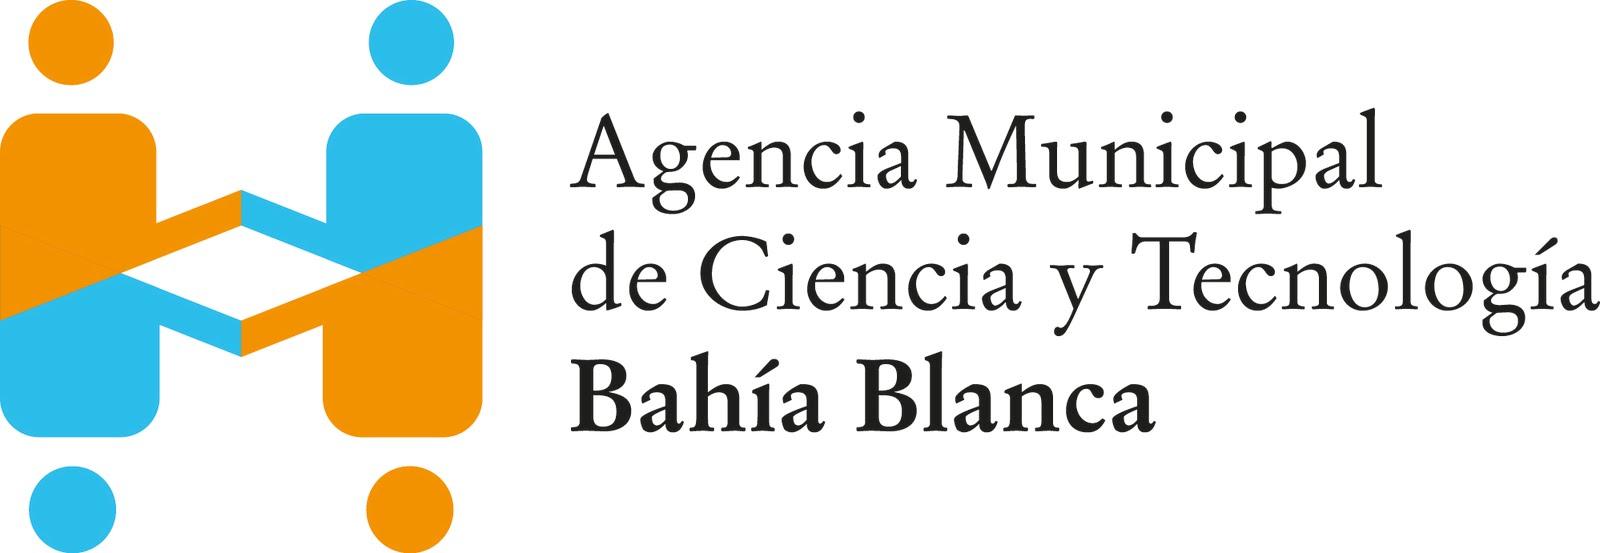 Agencia CyT Bahía Blanca